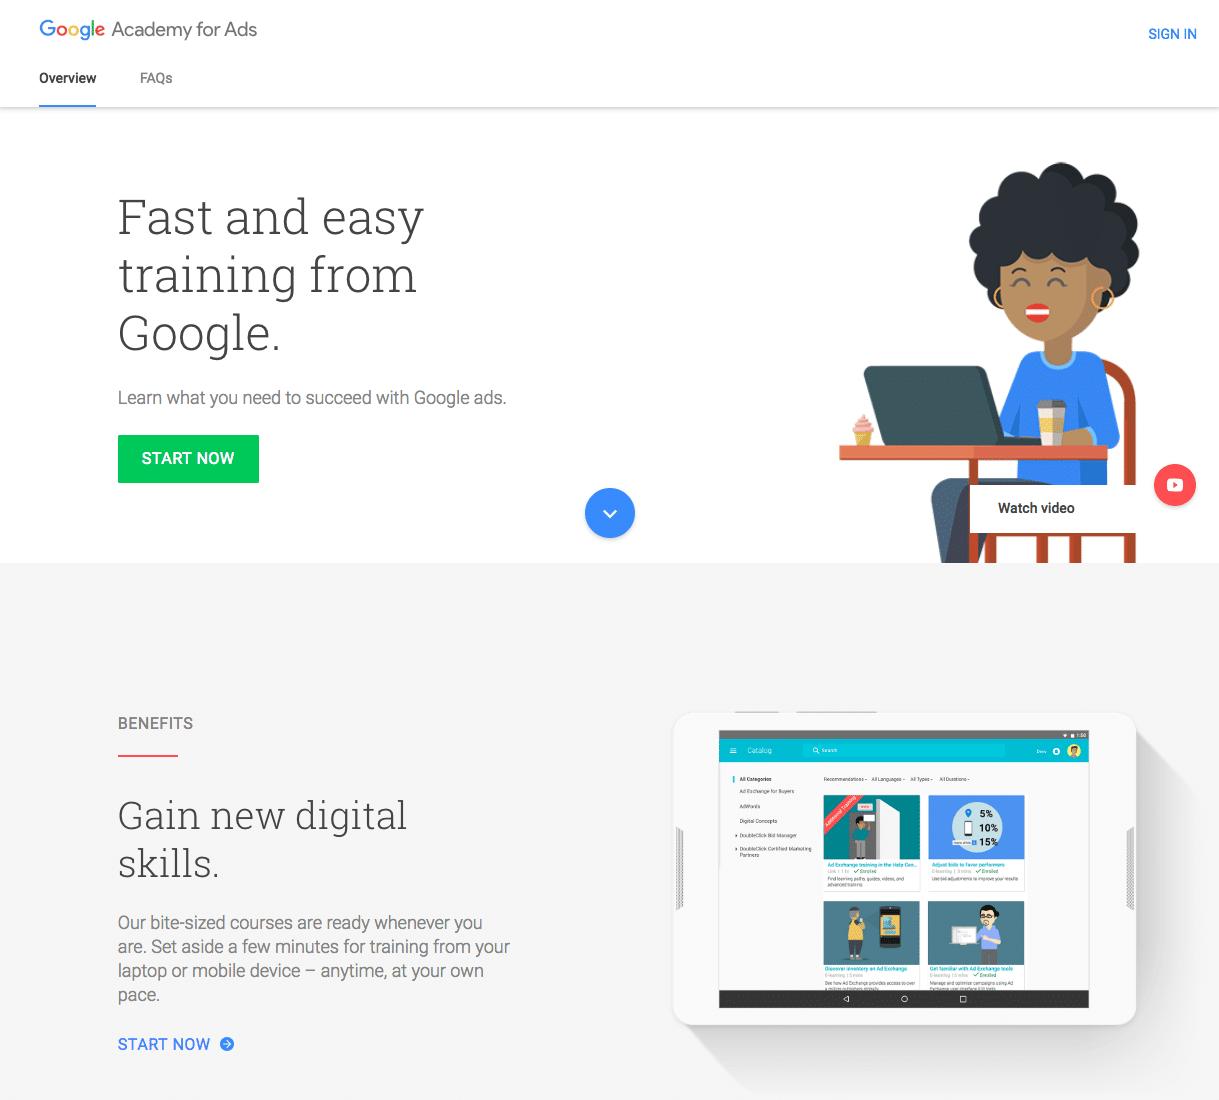 مدرک گوگل ادز - به آکادمی تبلیغات بپیوندید